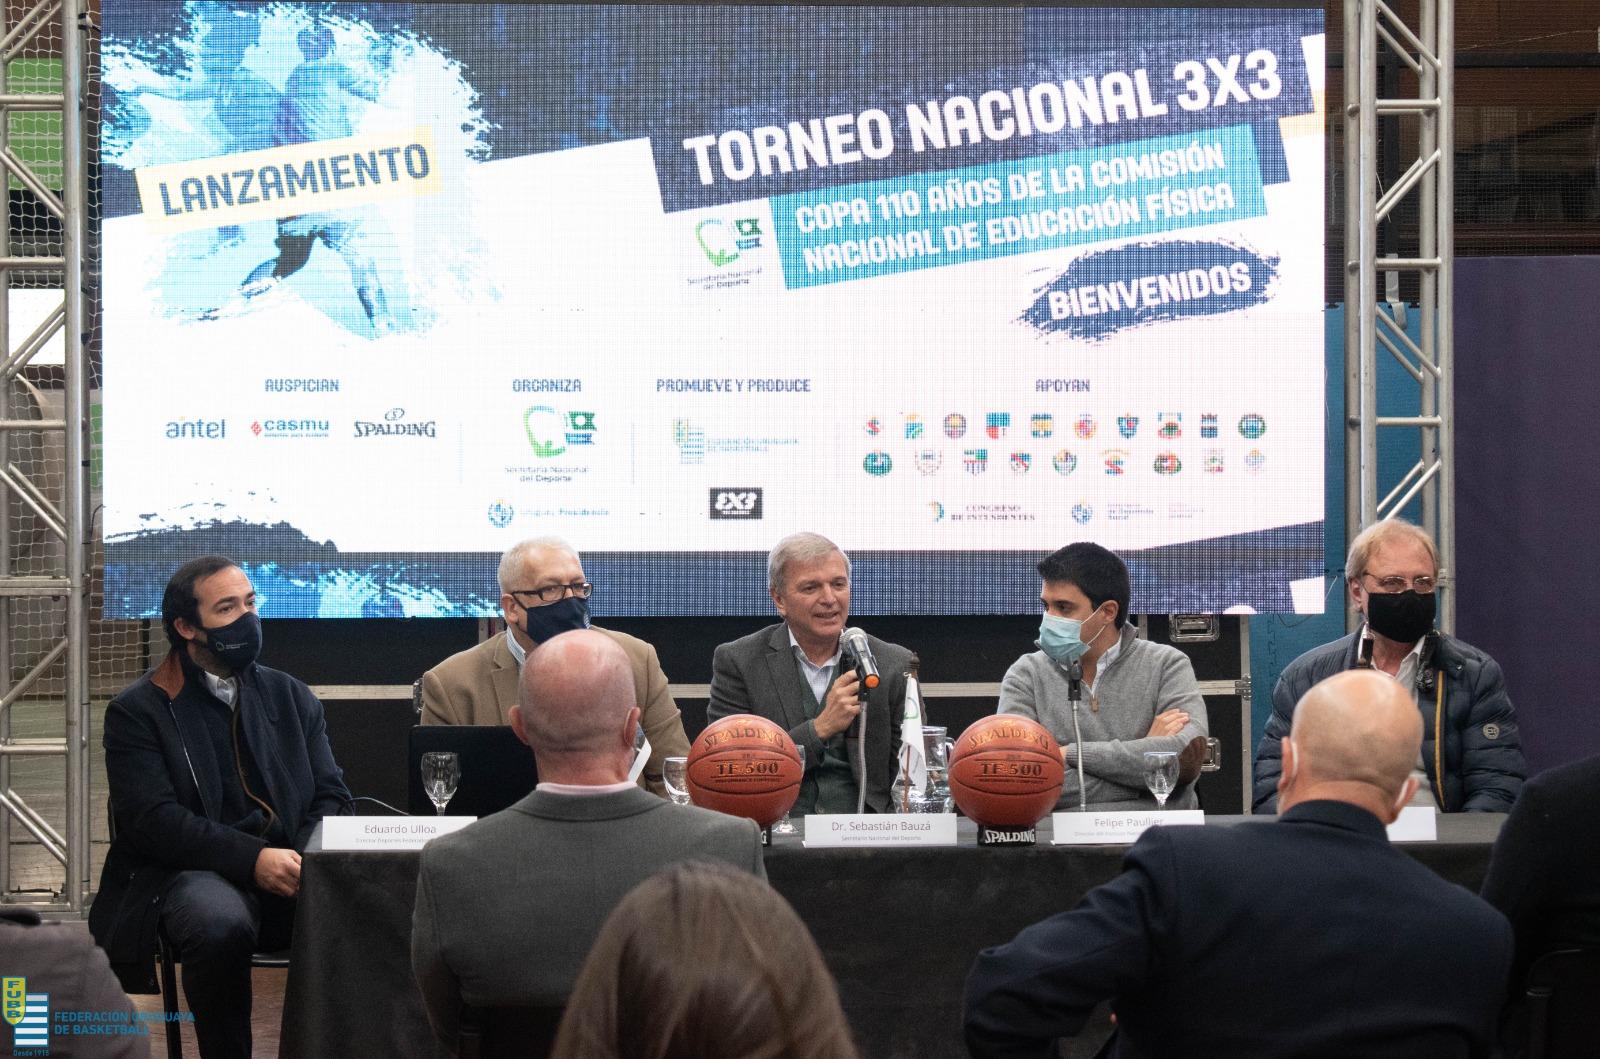 3x3 Nacional